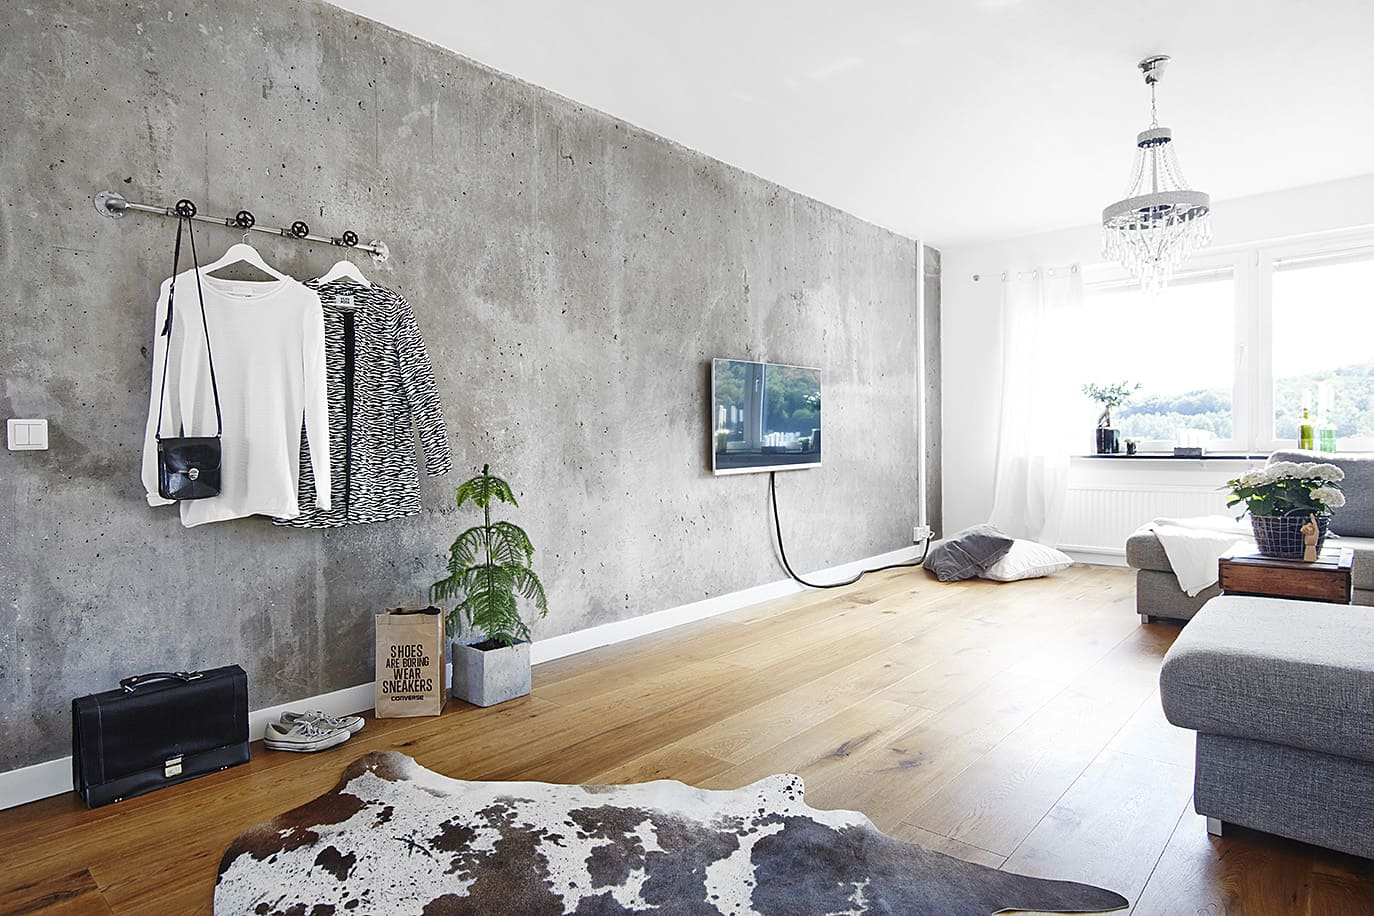 Декоративная штукатурка - лучшие красивые варианты отделки стен в интерьере 023